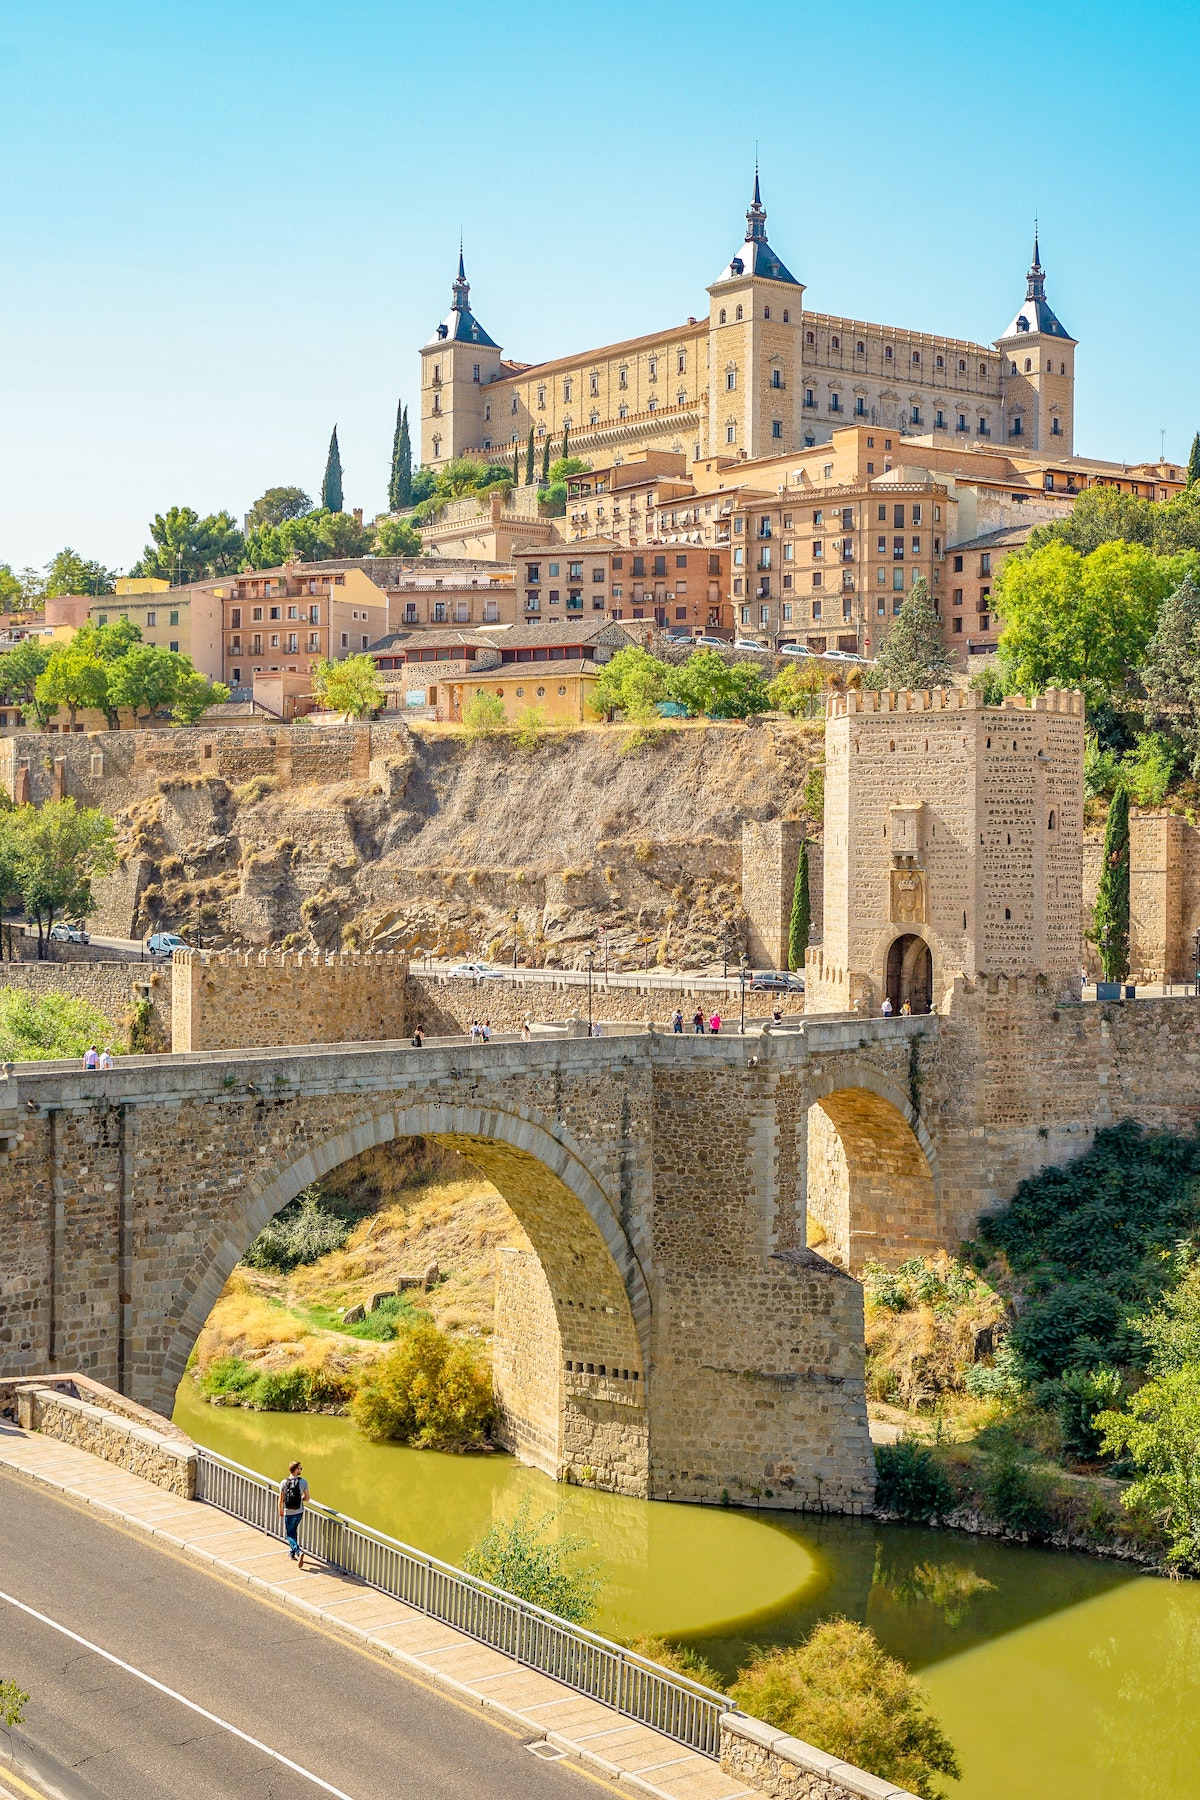 Puente de hormigón marrón sobre un río con edificios medievales al fondo.